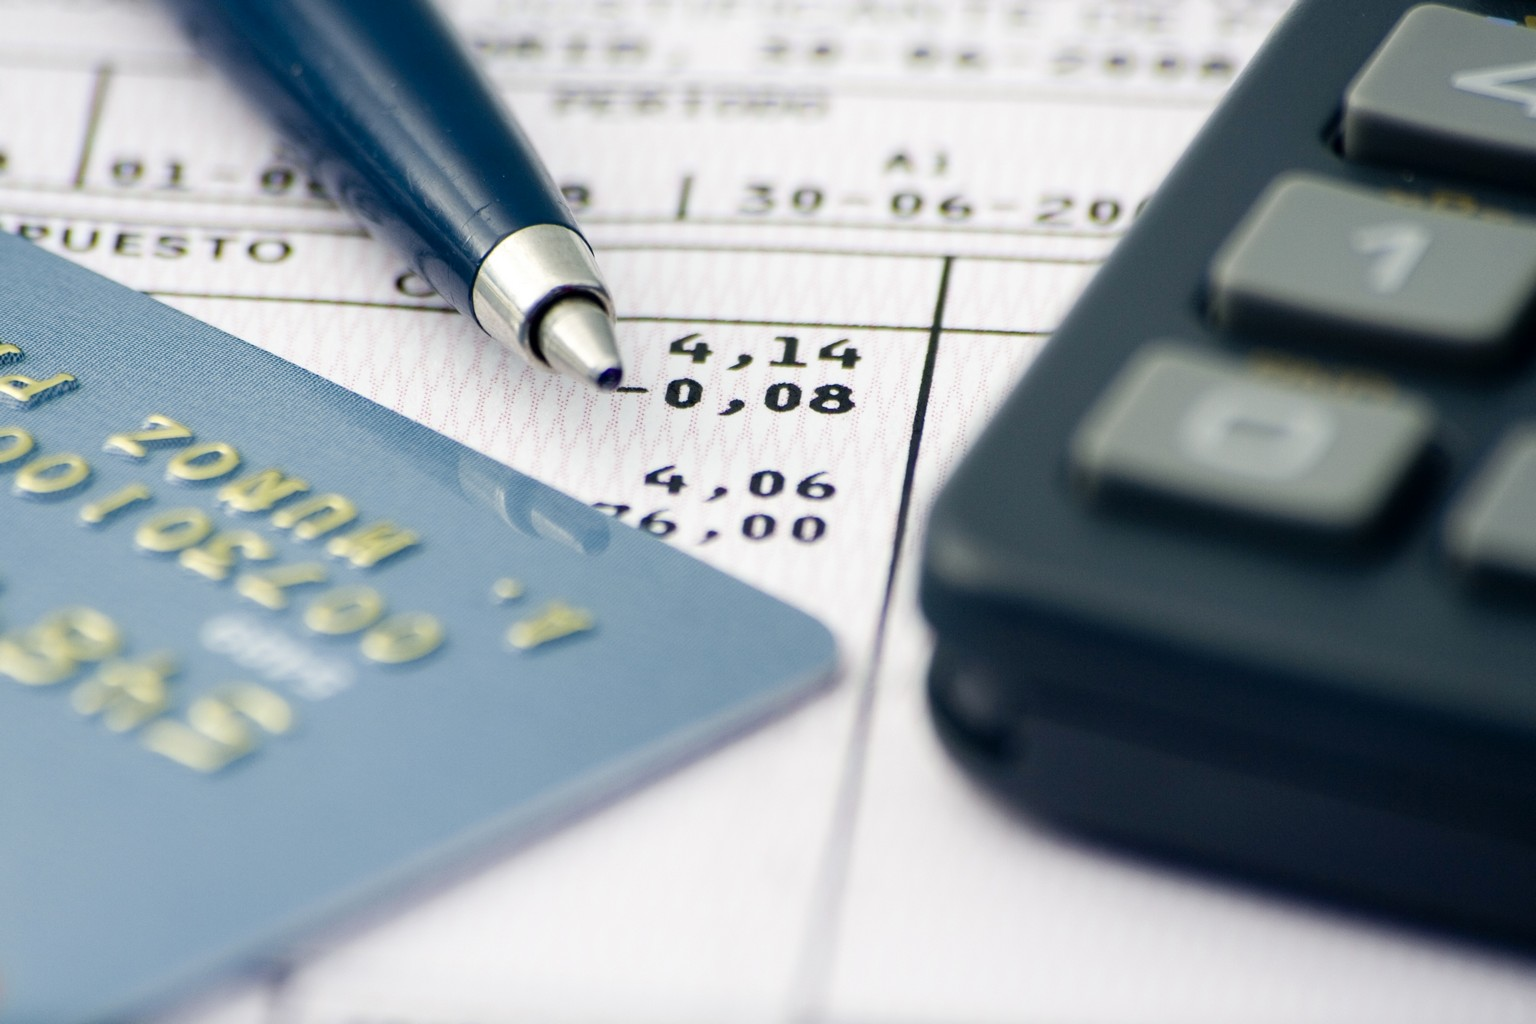 assurance pret immobilier : arrêter son assurance avec son prêt